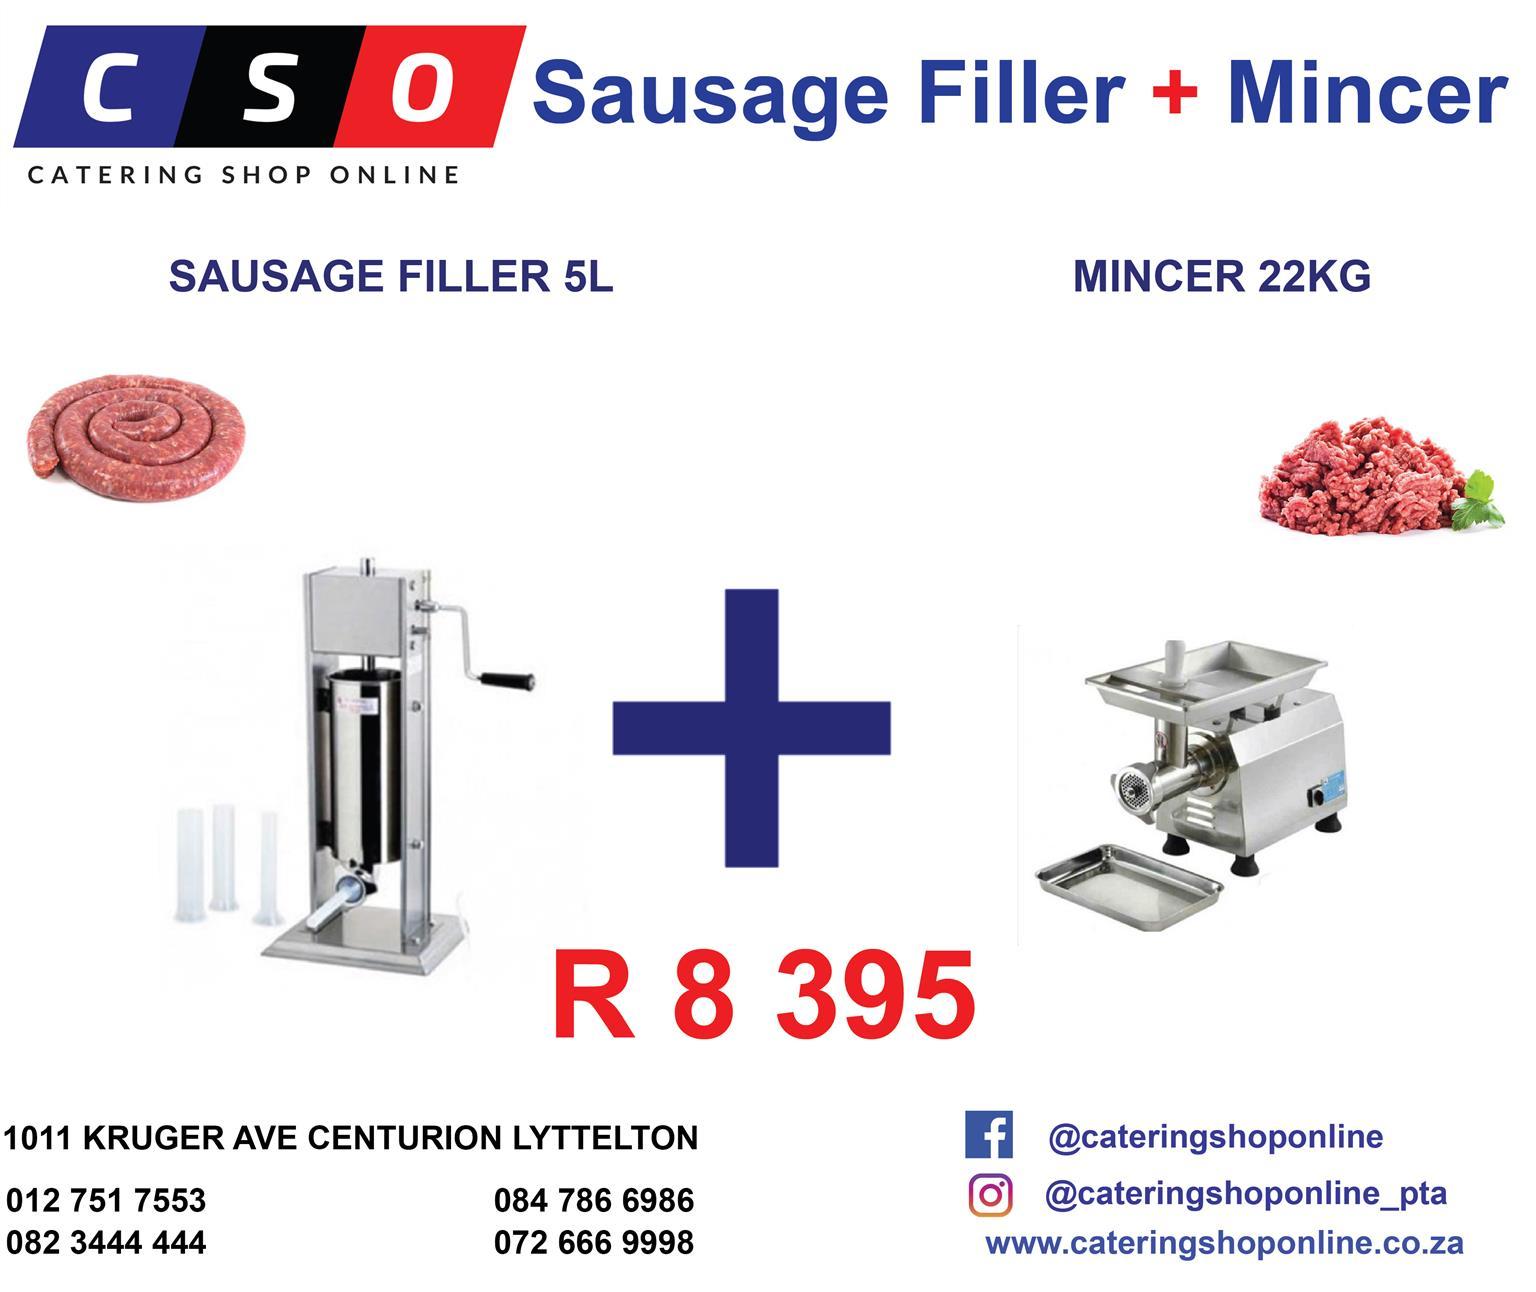 Sausage Filler 5L  plus Mincer 22KG Combo Special R8 395